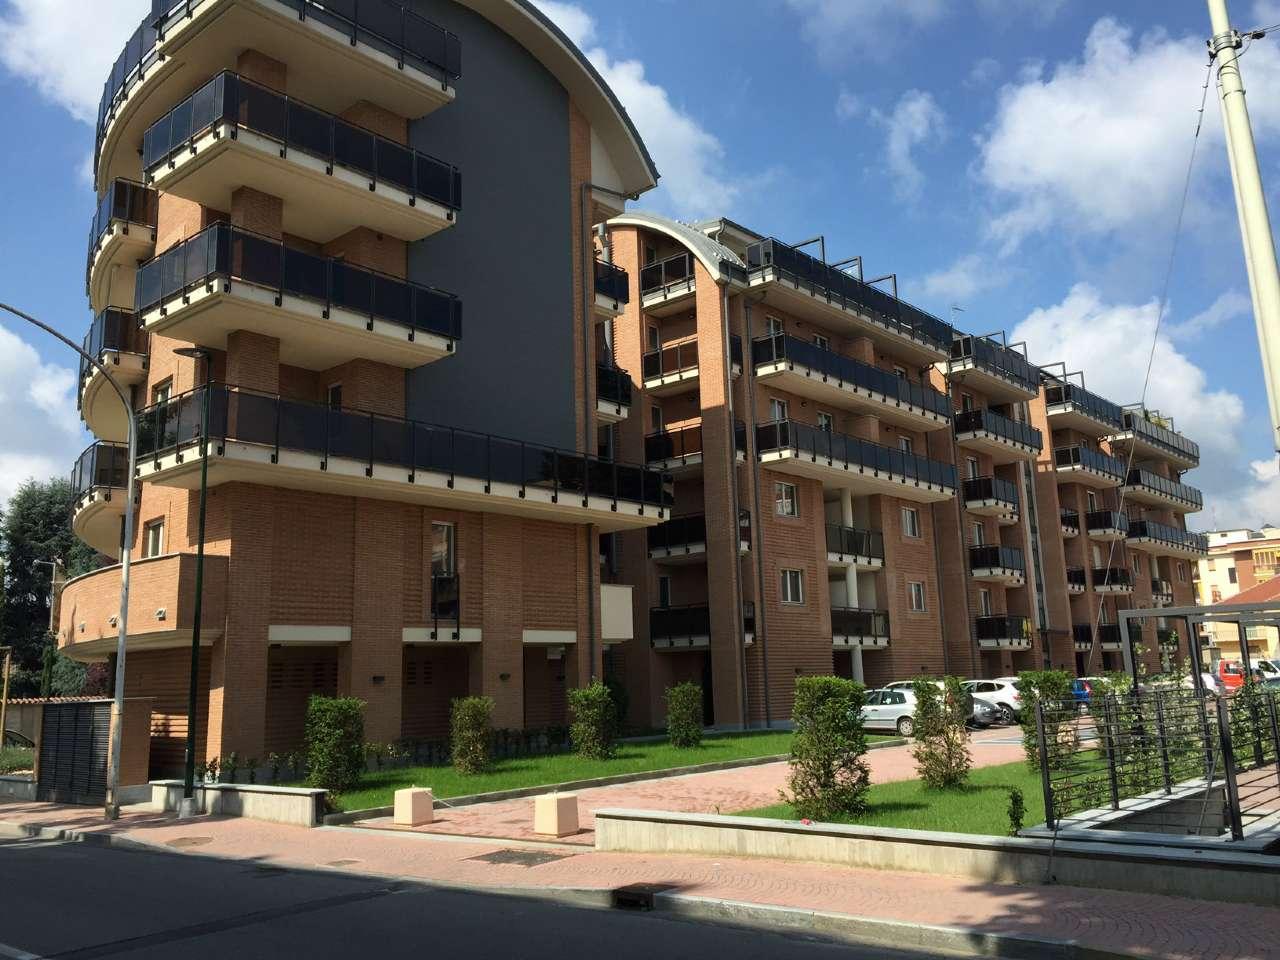 Attico / Mansarda in vendita a Chieri, 7 locali, prezzo € 550.000 | CambioCasa.it